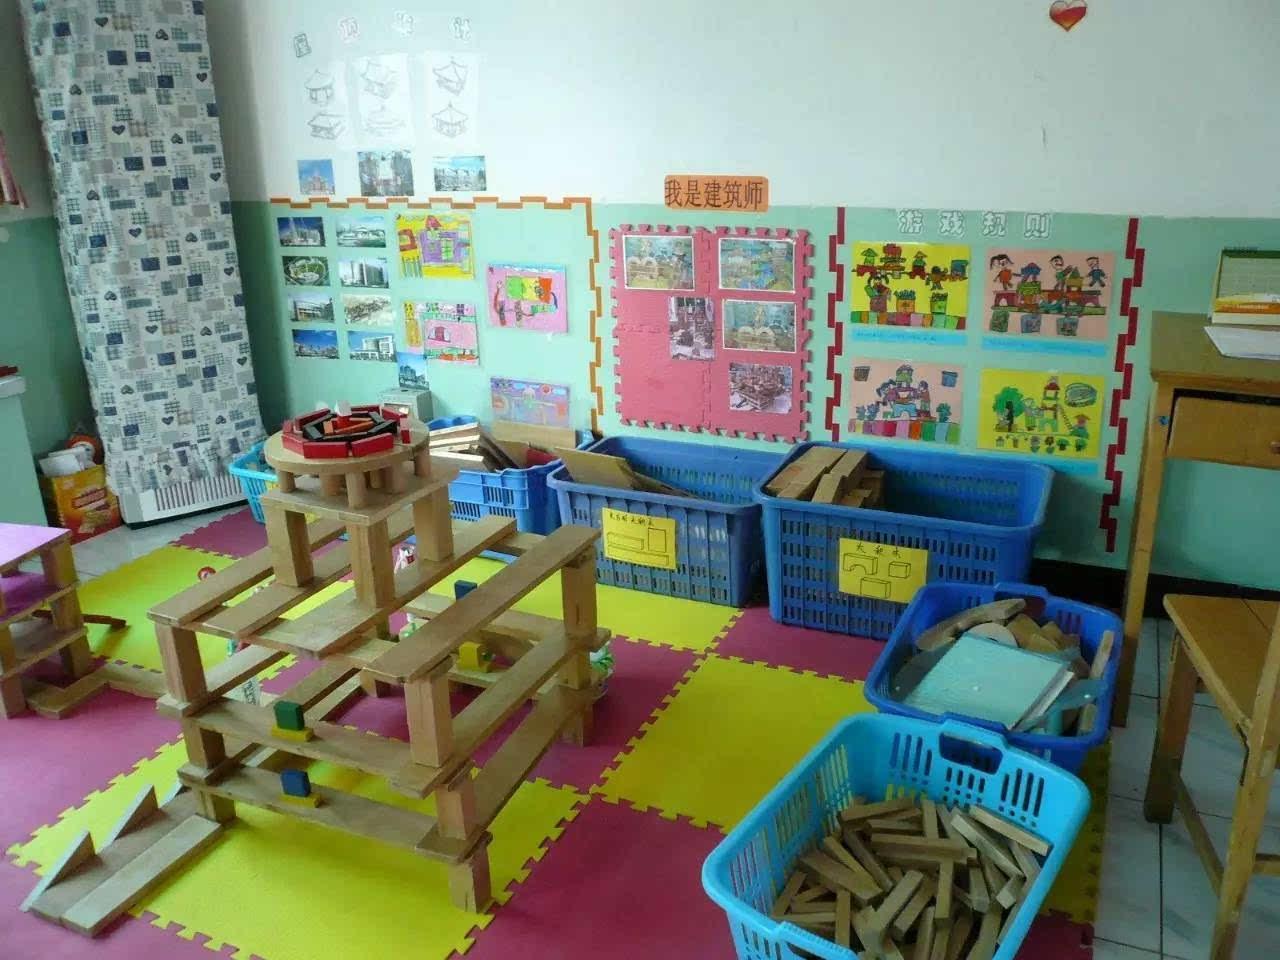 从积木游戏的创作心理看,幼儿乐于建构的是自己记忆清晰的形象或者是已有的比较生动的表象经验。如果幼儿建构缺少新内容、缺乏创造性,幼儿积木游戏的兴趣就会逐渐消退,其主要原因还是缺少丰富的表象经验。教师如何帮助幼儿积累丰富的表象,这成了激发幼儿积木游戏兴趣的关键。 操作指导。 三、操作指导,能帮助幼儿提升经验。